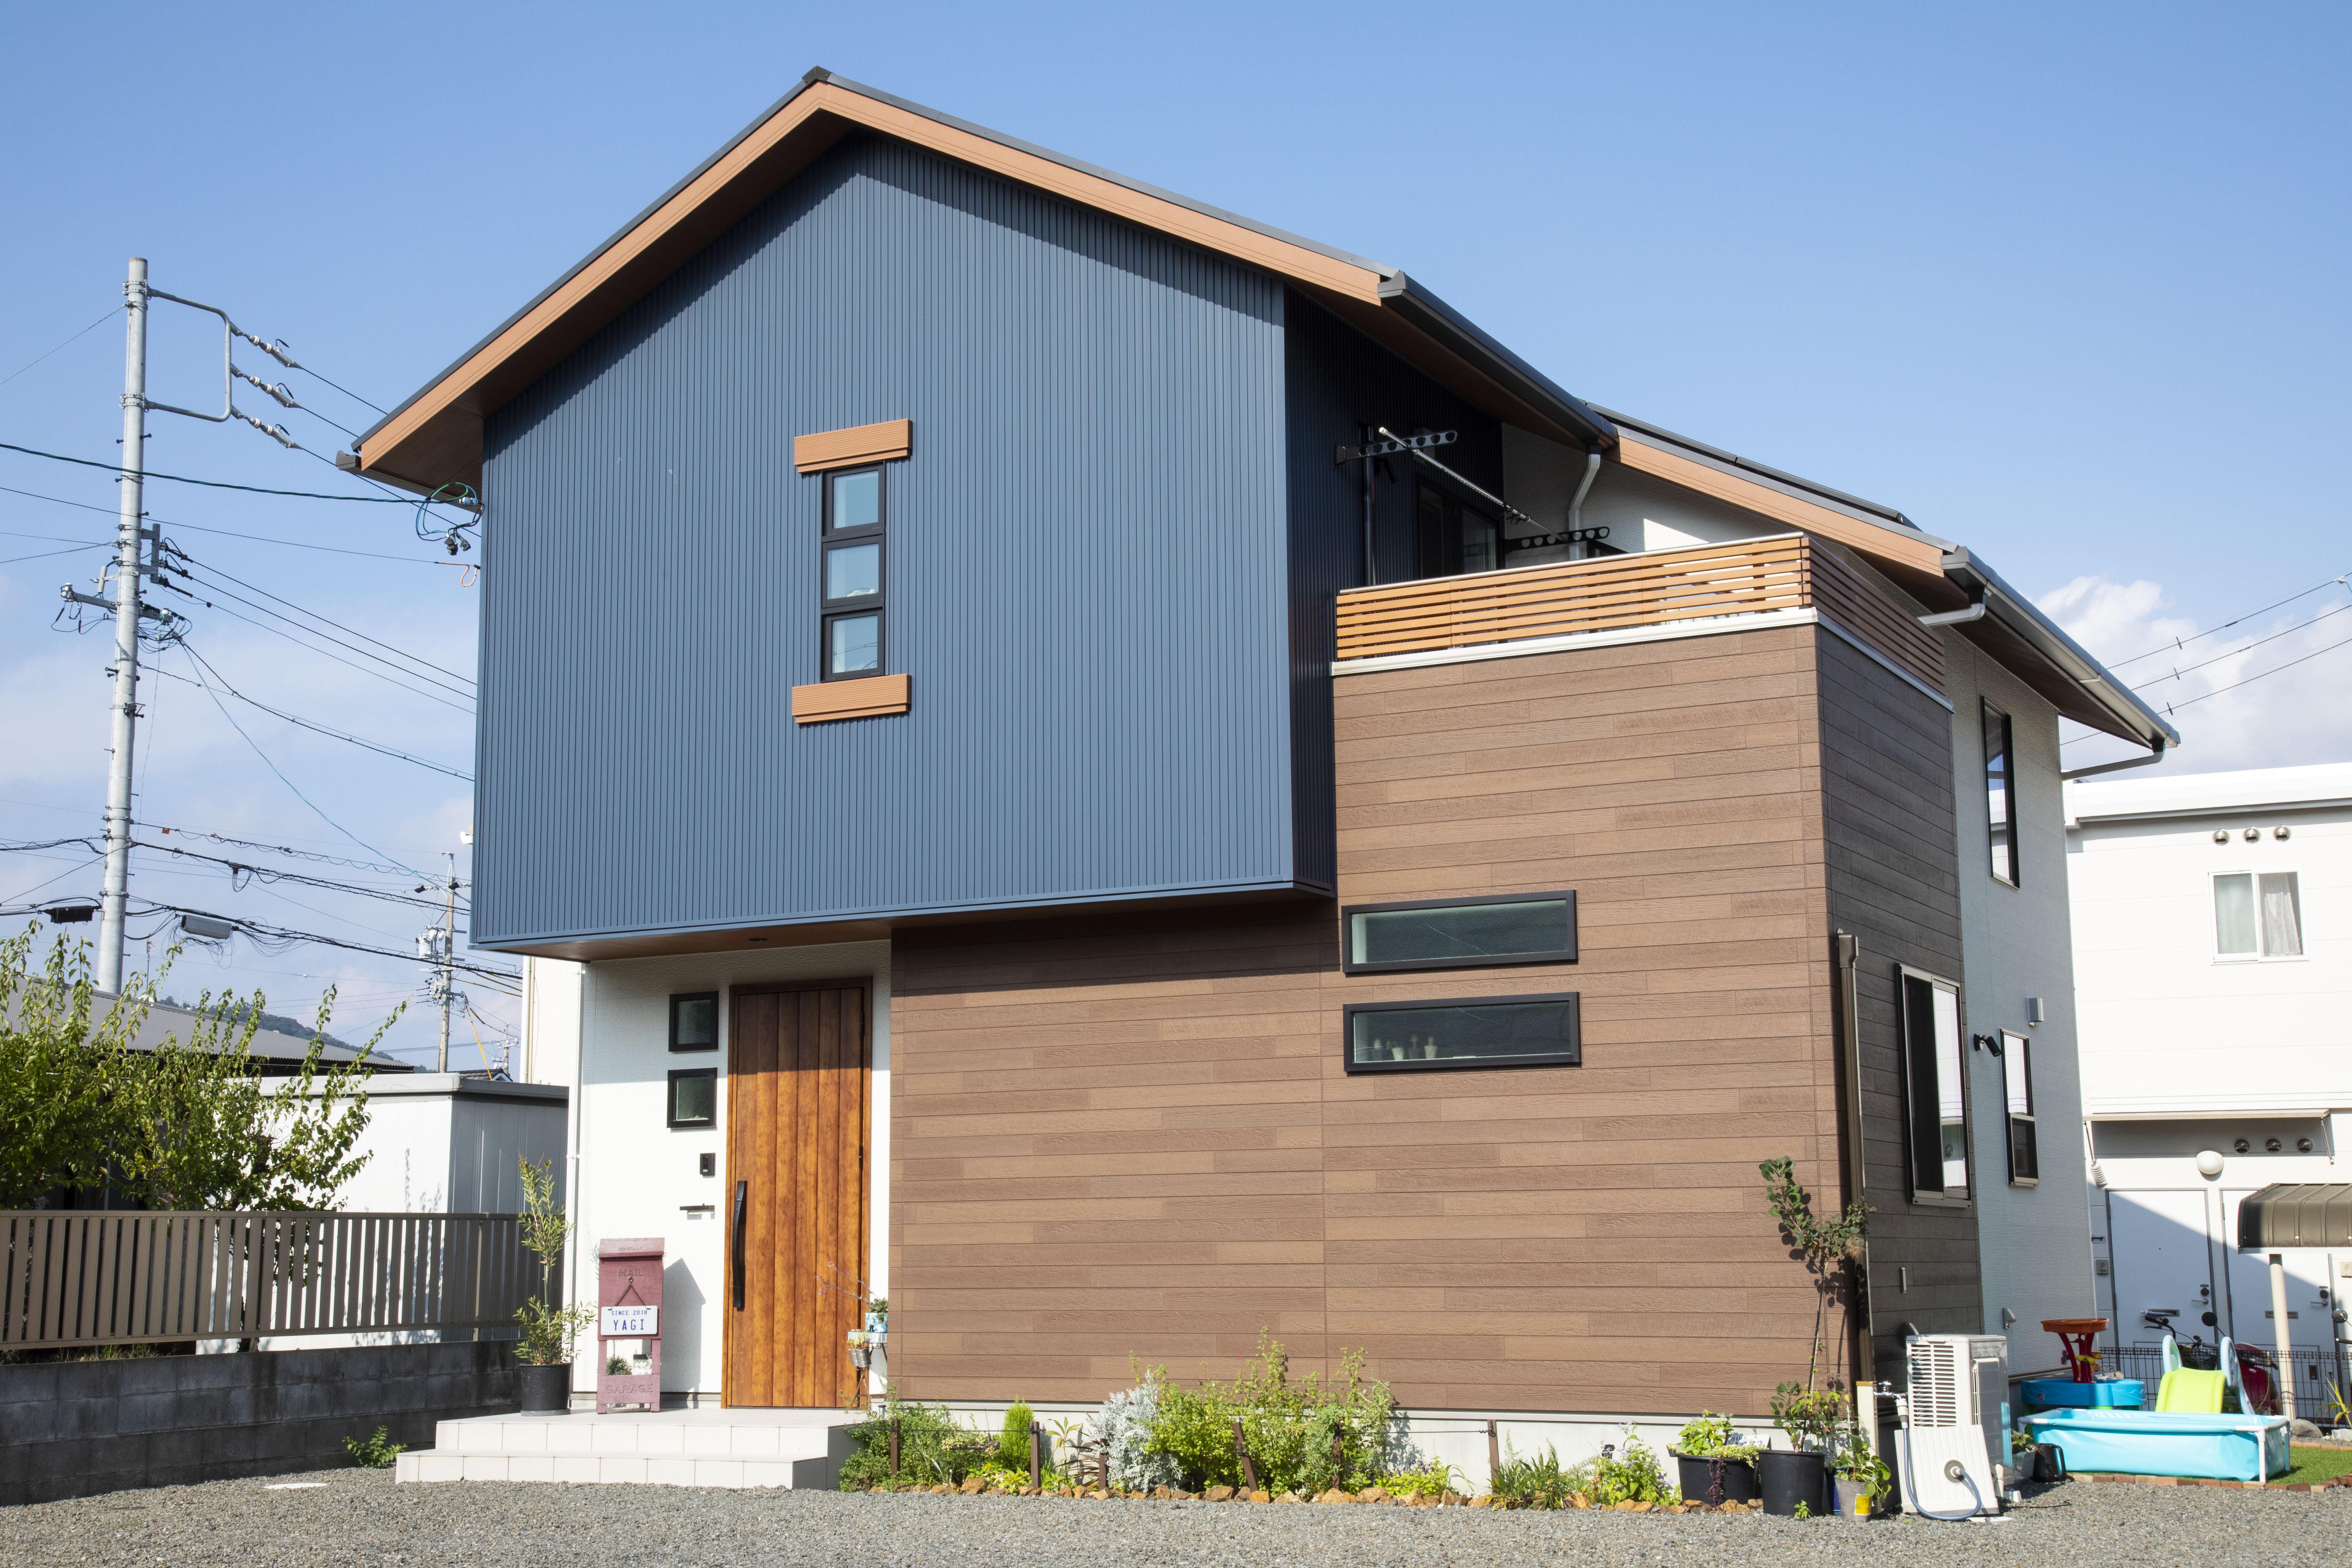 藤枝市の実例・家族とふれあい、趣味をより楽しめる家